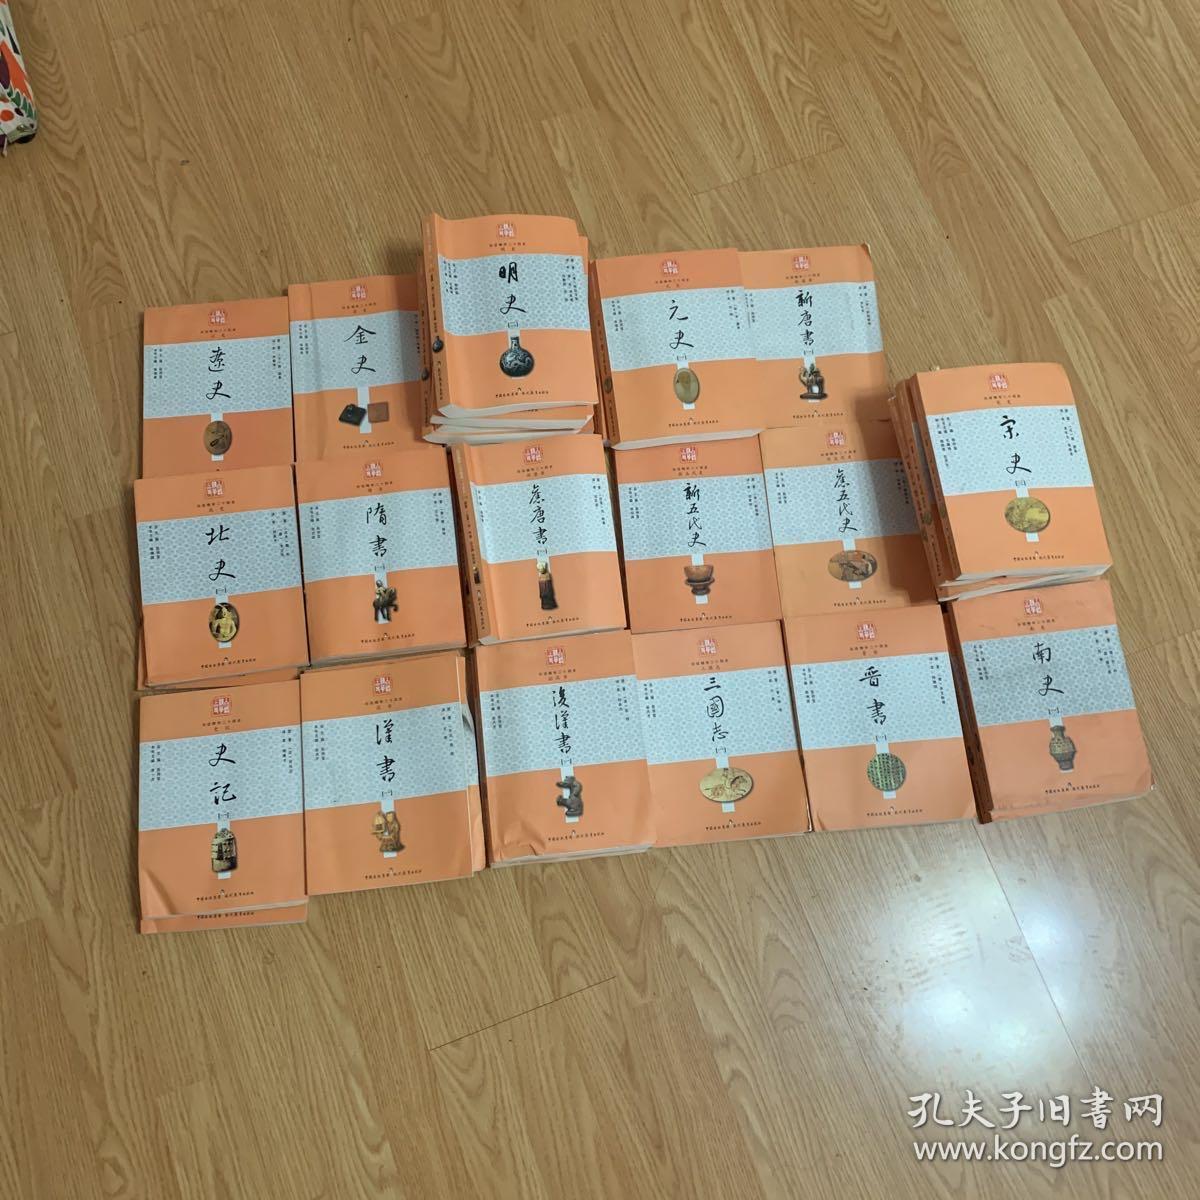 白话精华二十四史(40册)(特价)有几本挤压变形,可用重物压好